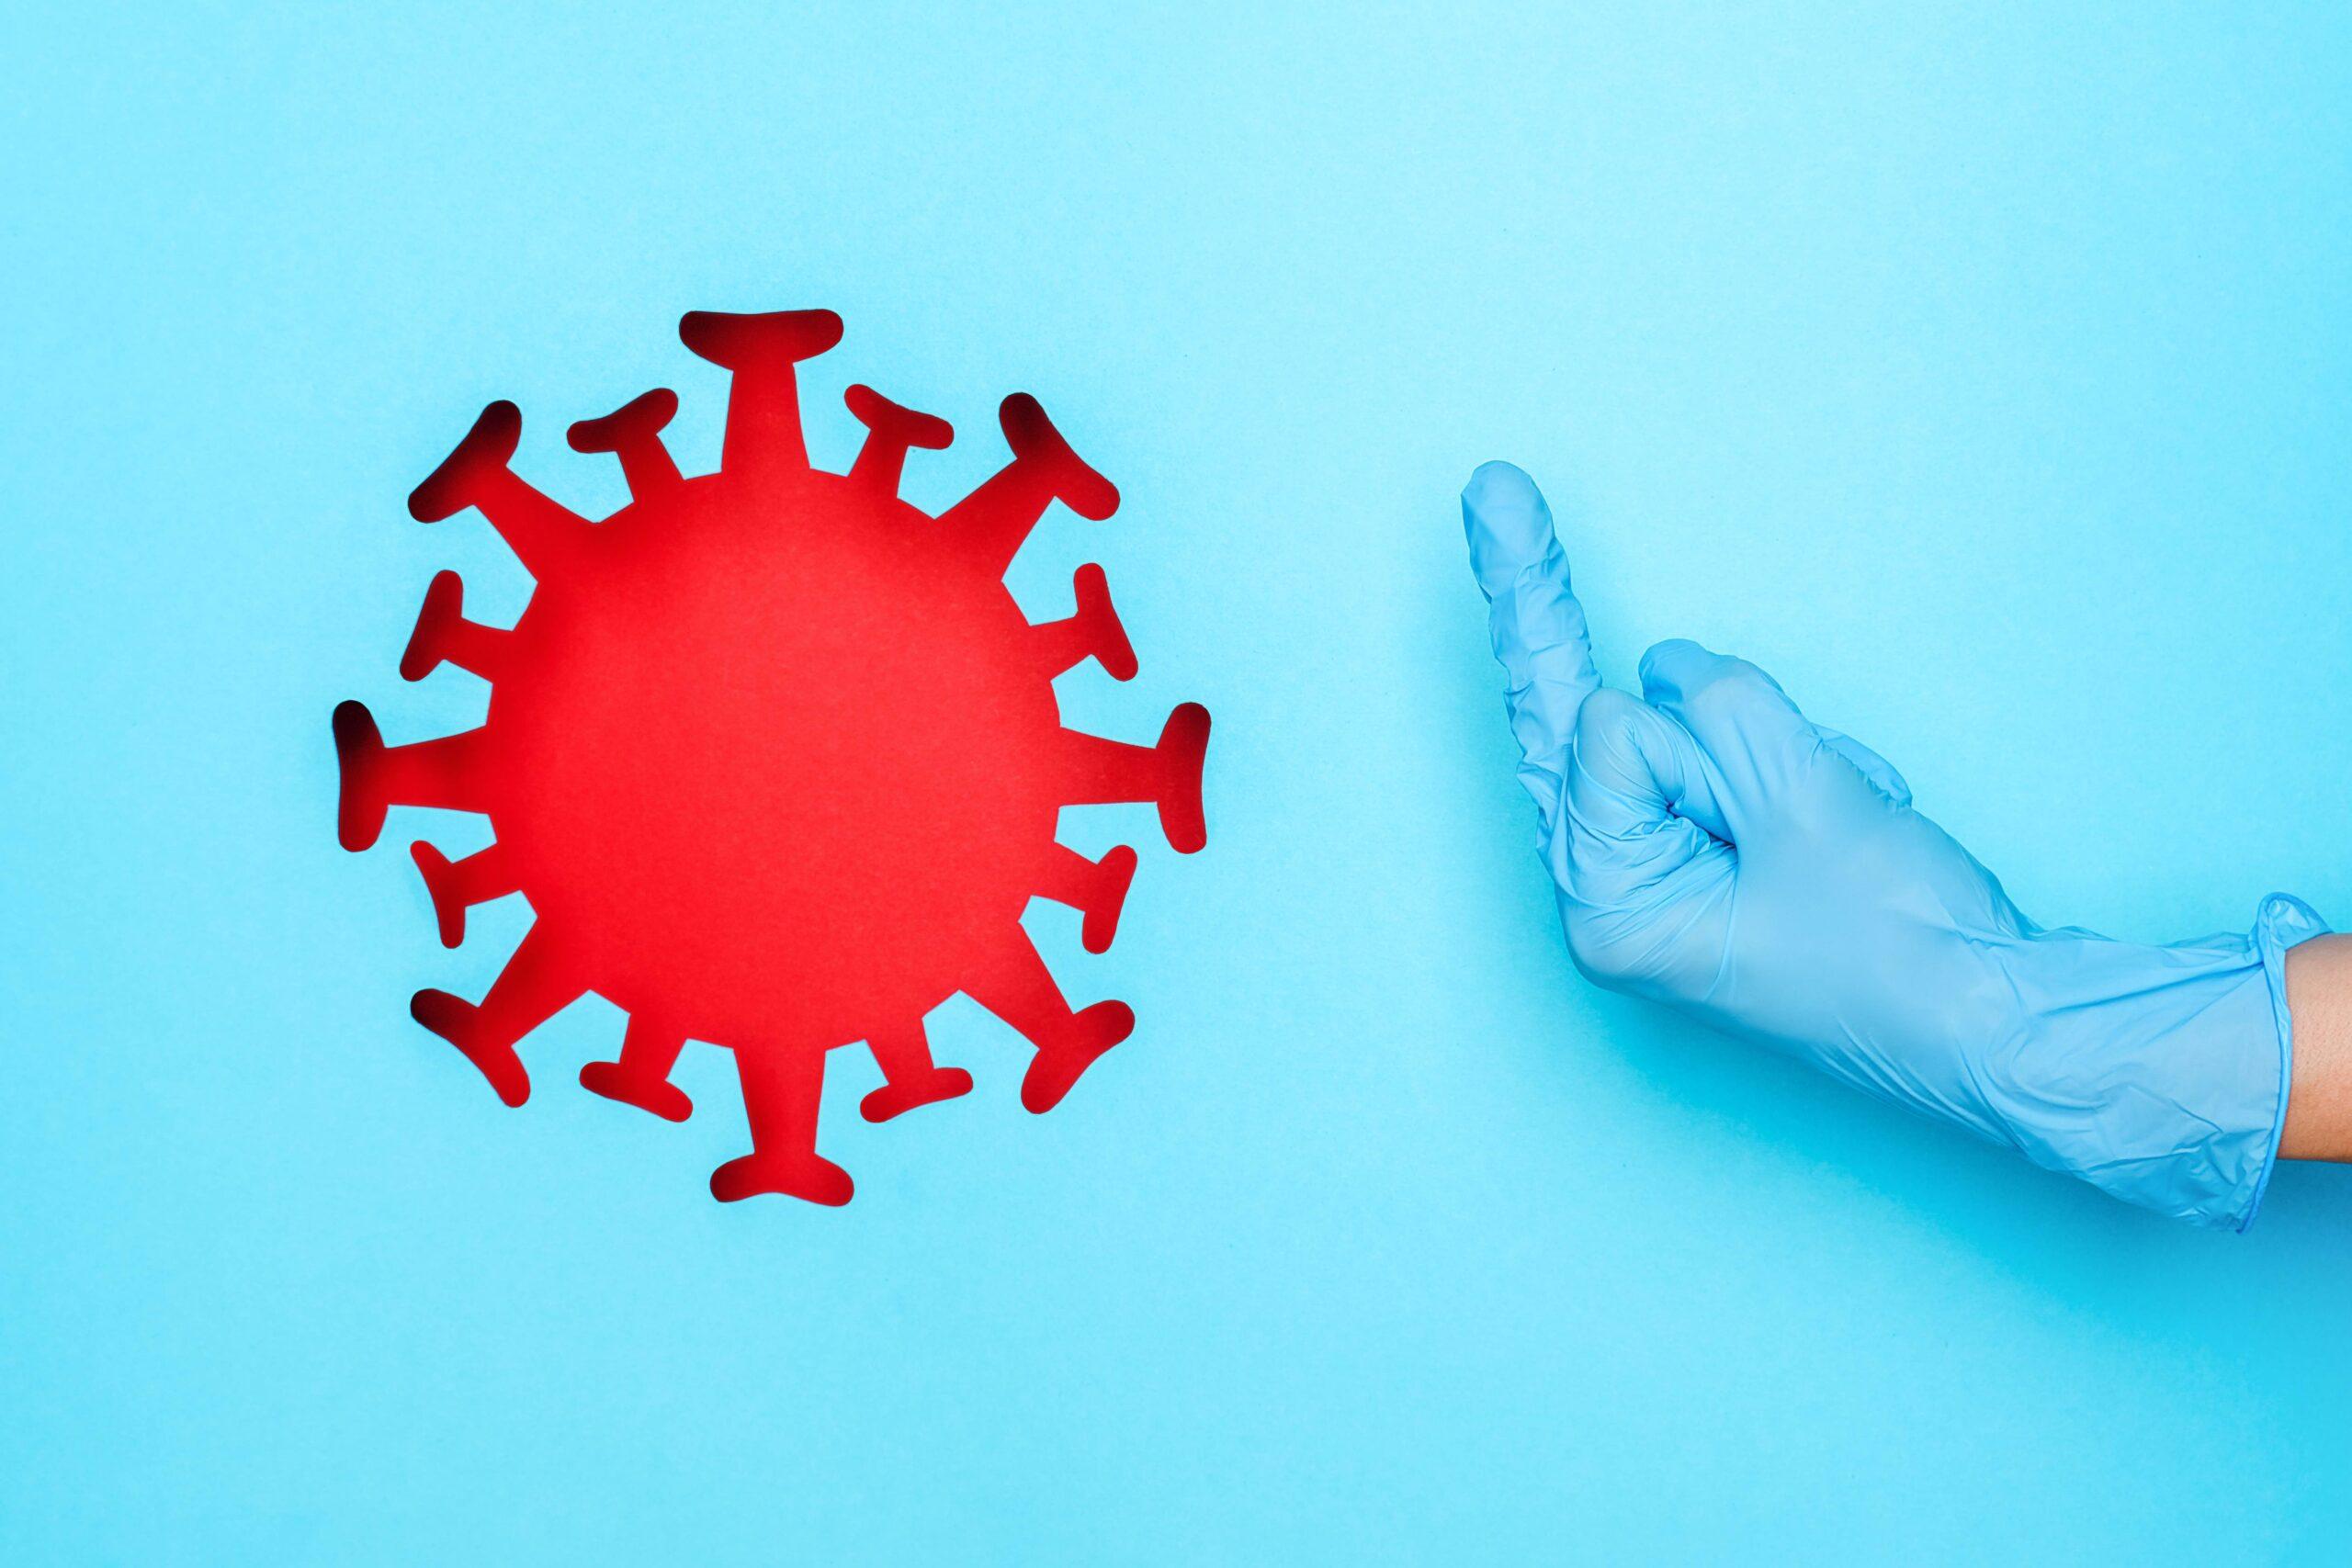 Pandemica provocativa: Provokante Werte in einer pandemisch-provozierten Zeit